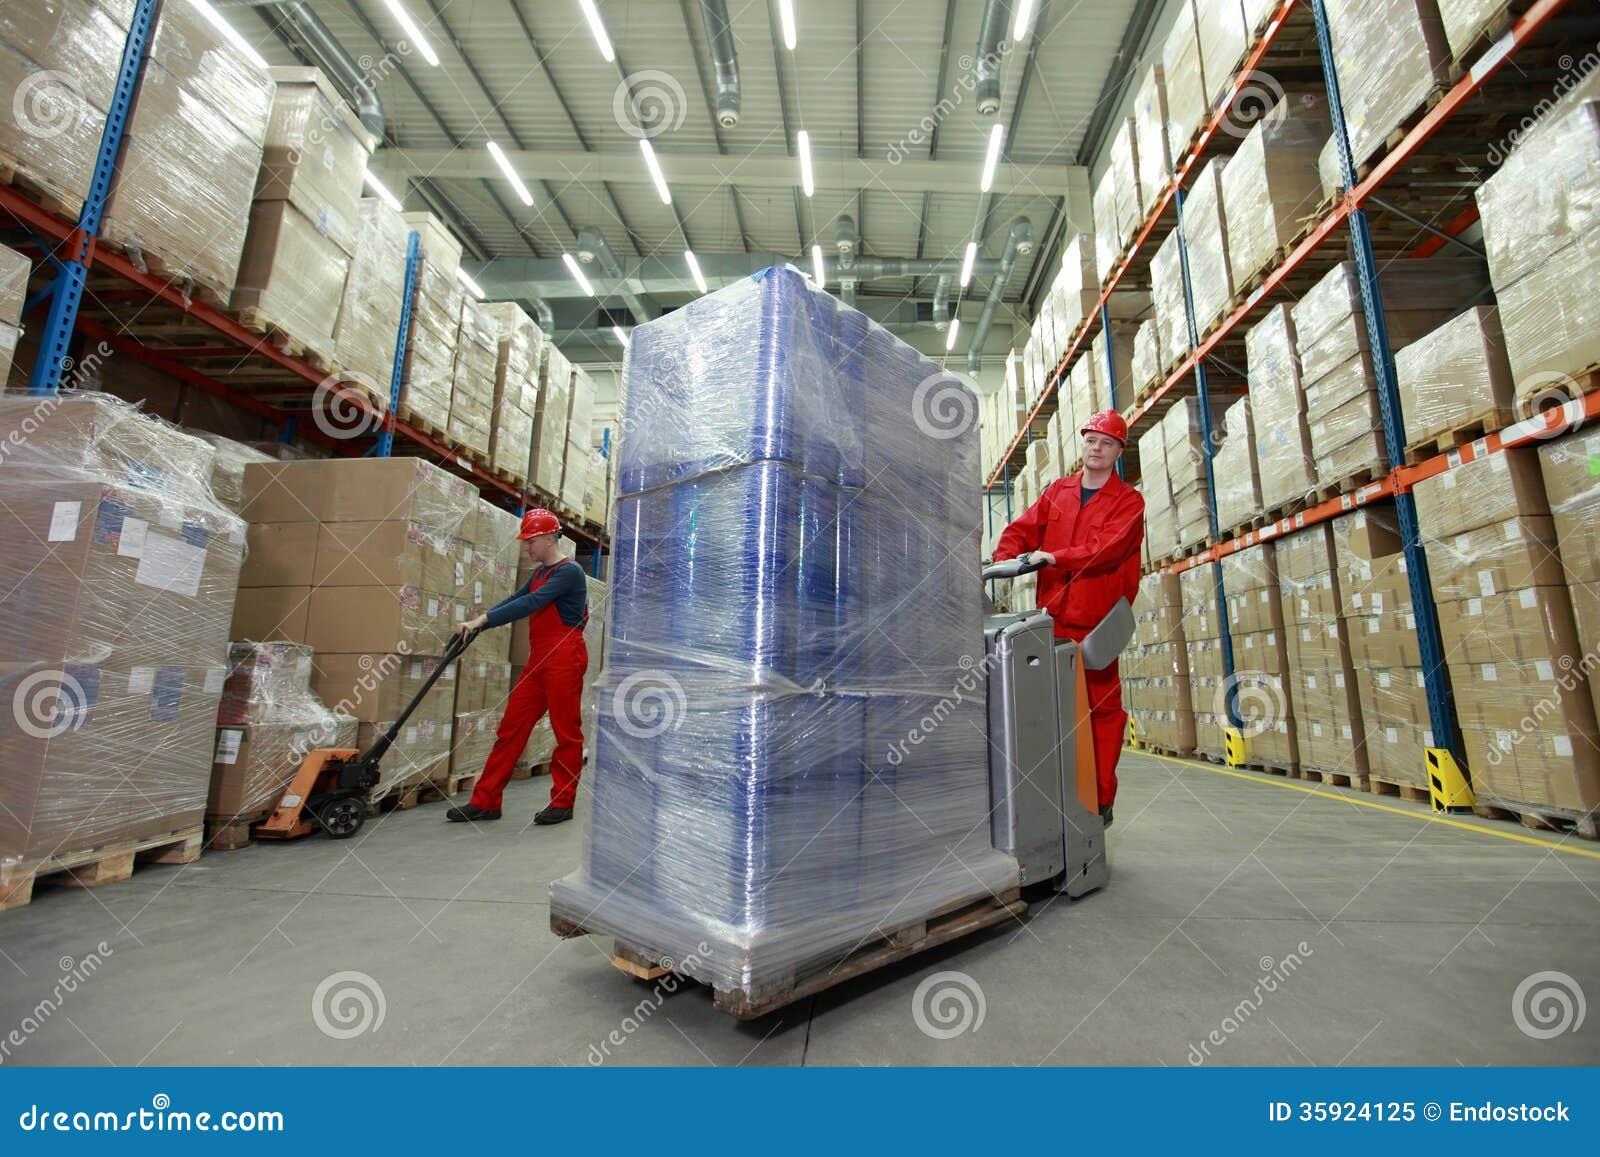 Logístico - trabajadores en almacén